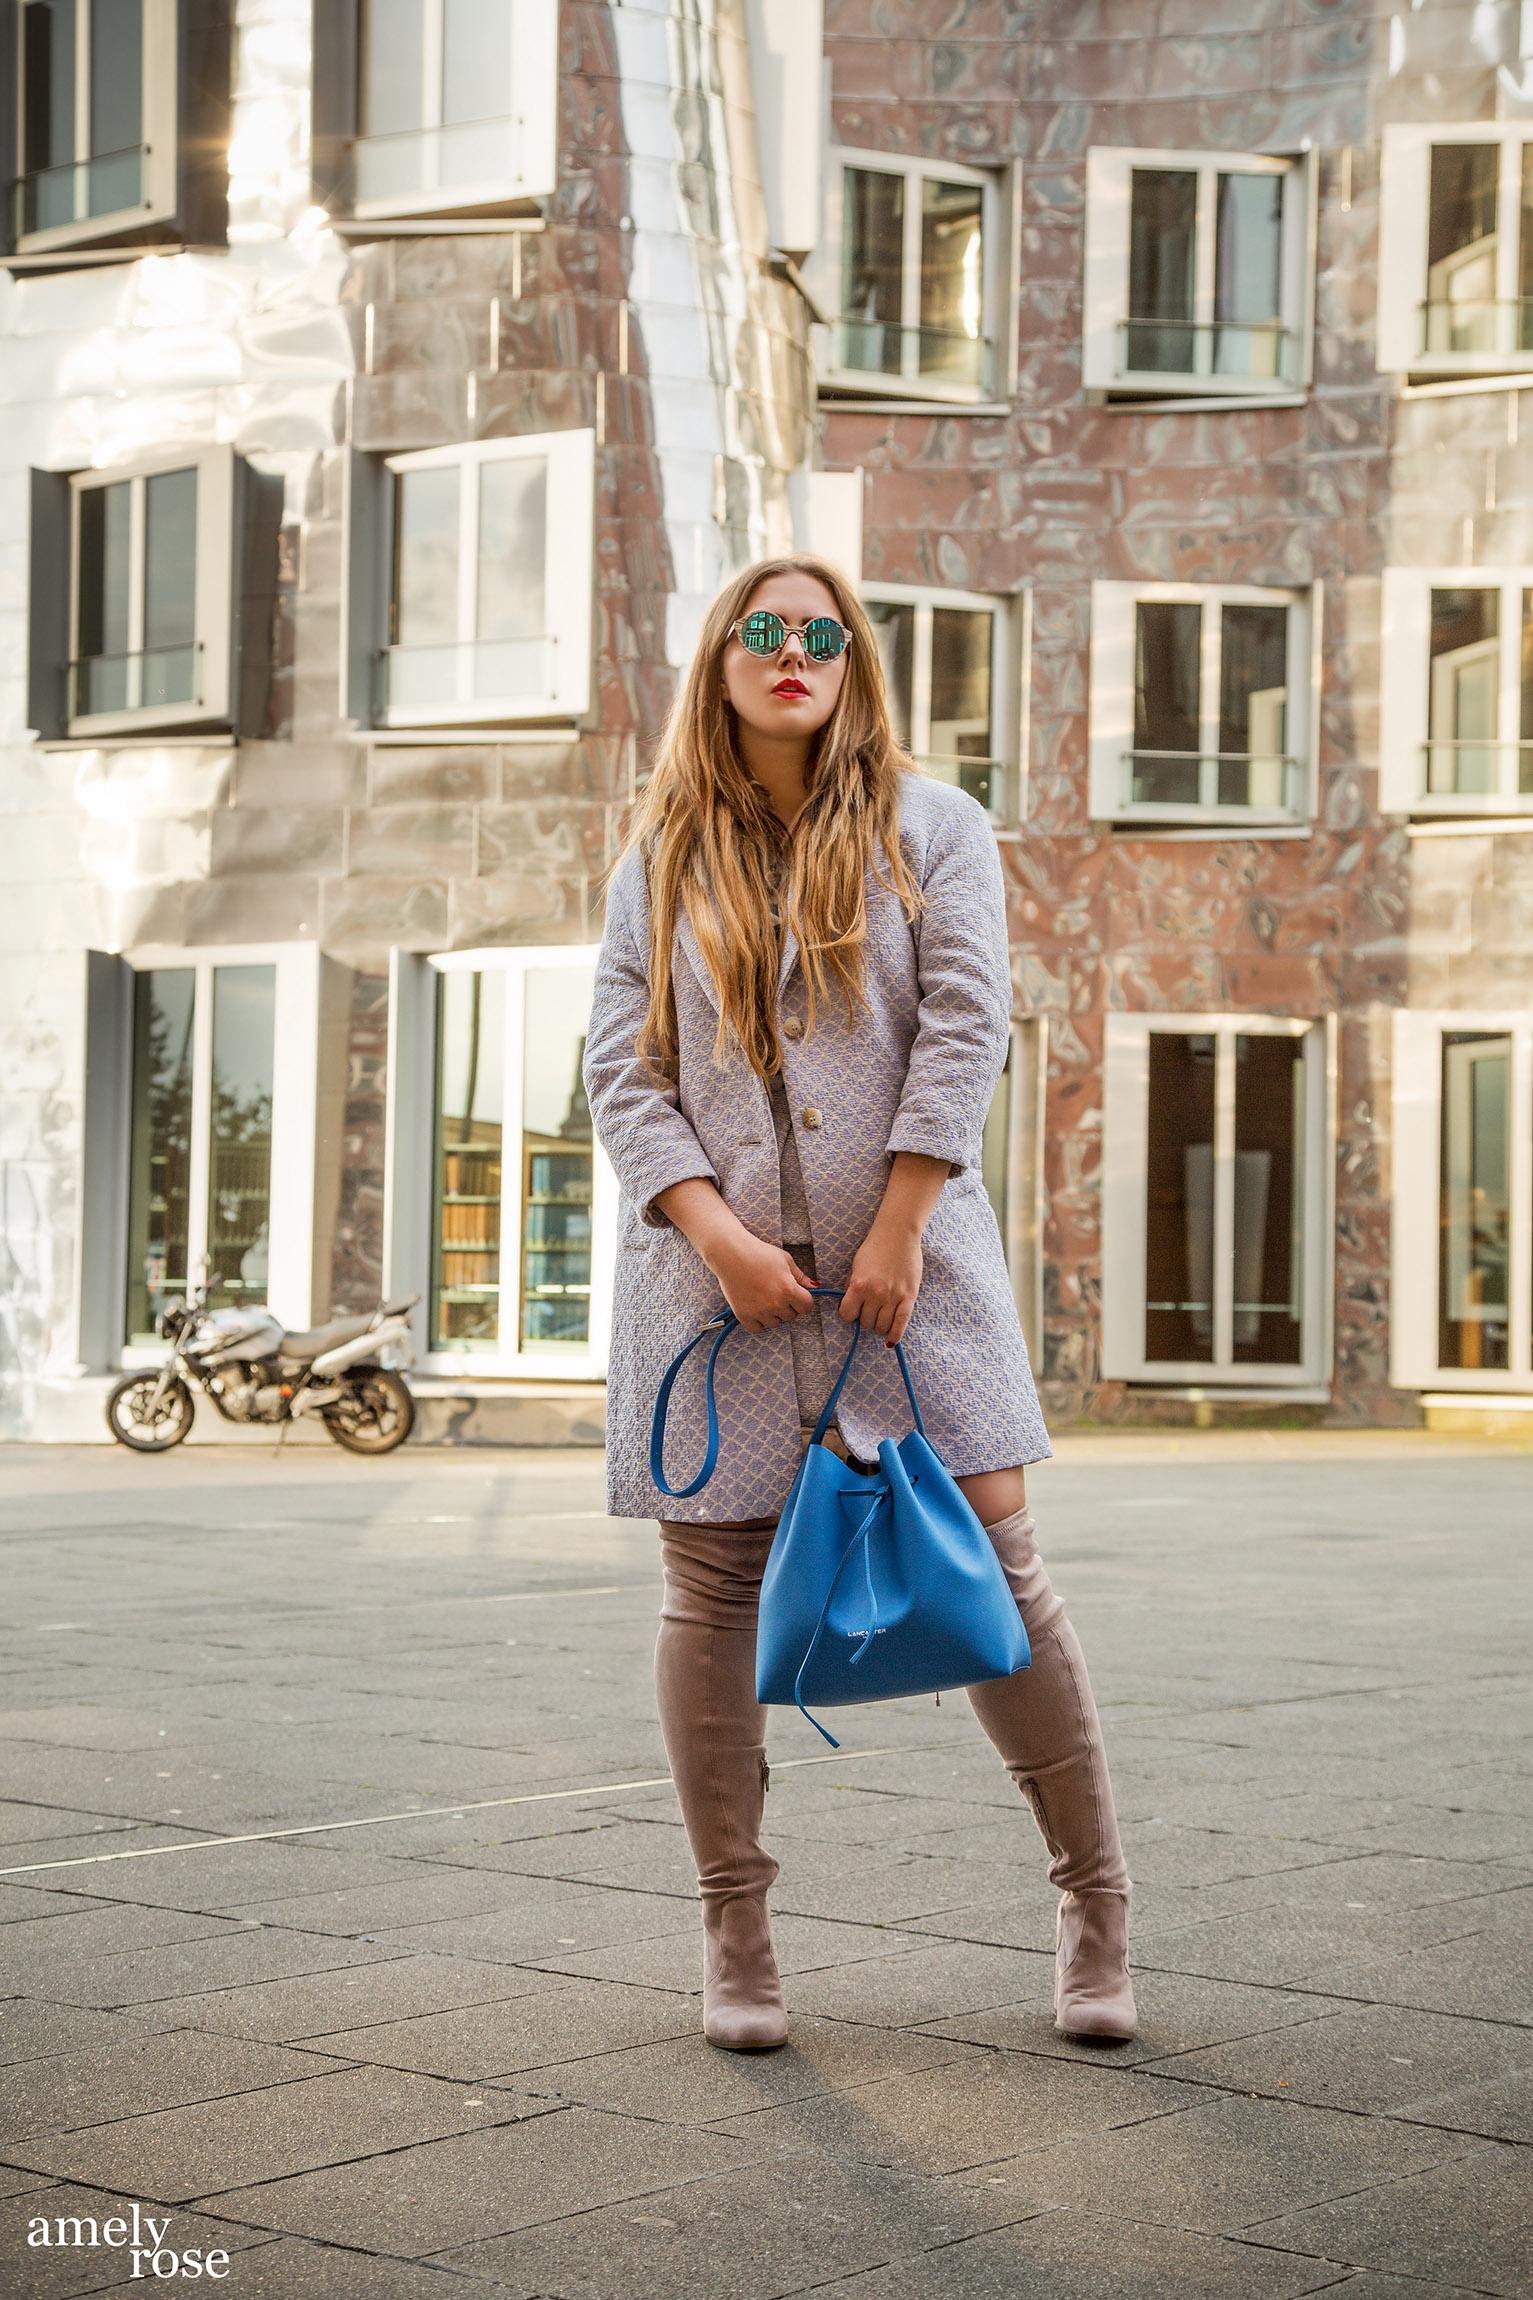 amelyrose, amely, rose, amely_rose, fashion, fashionzone, wittyknitters, designer_mantel, gehry_bauten, duesseldorf,